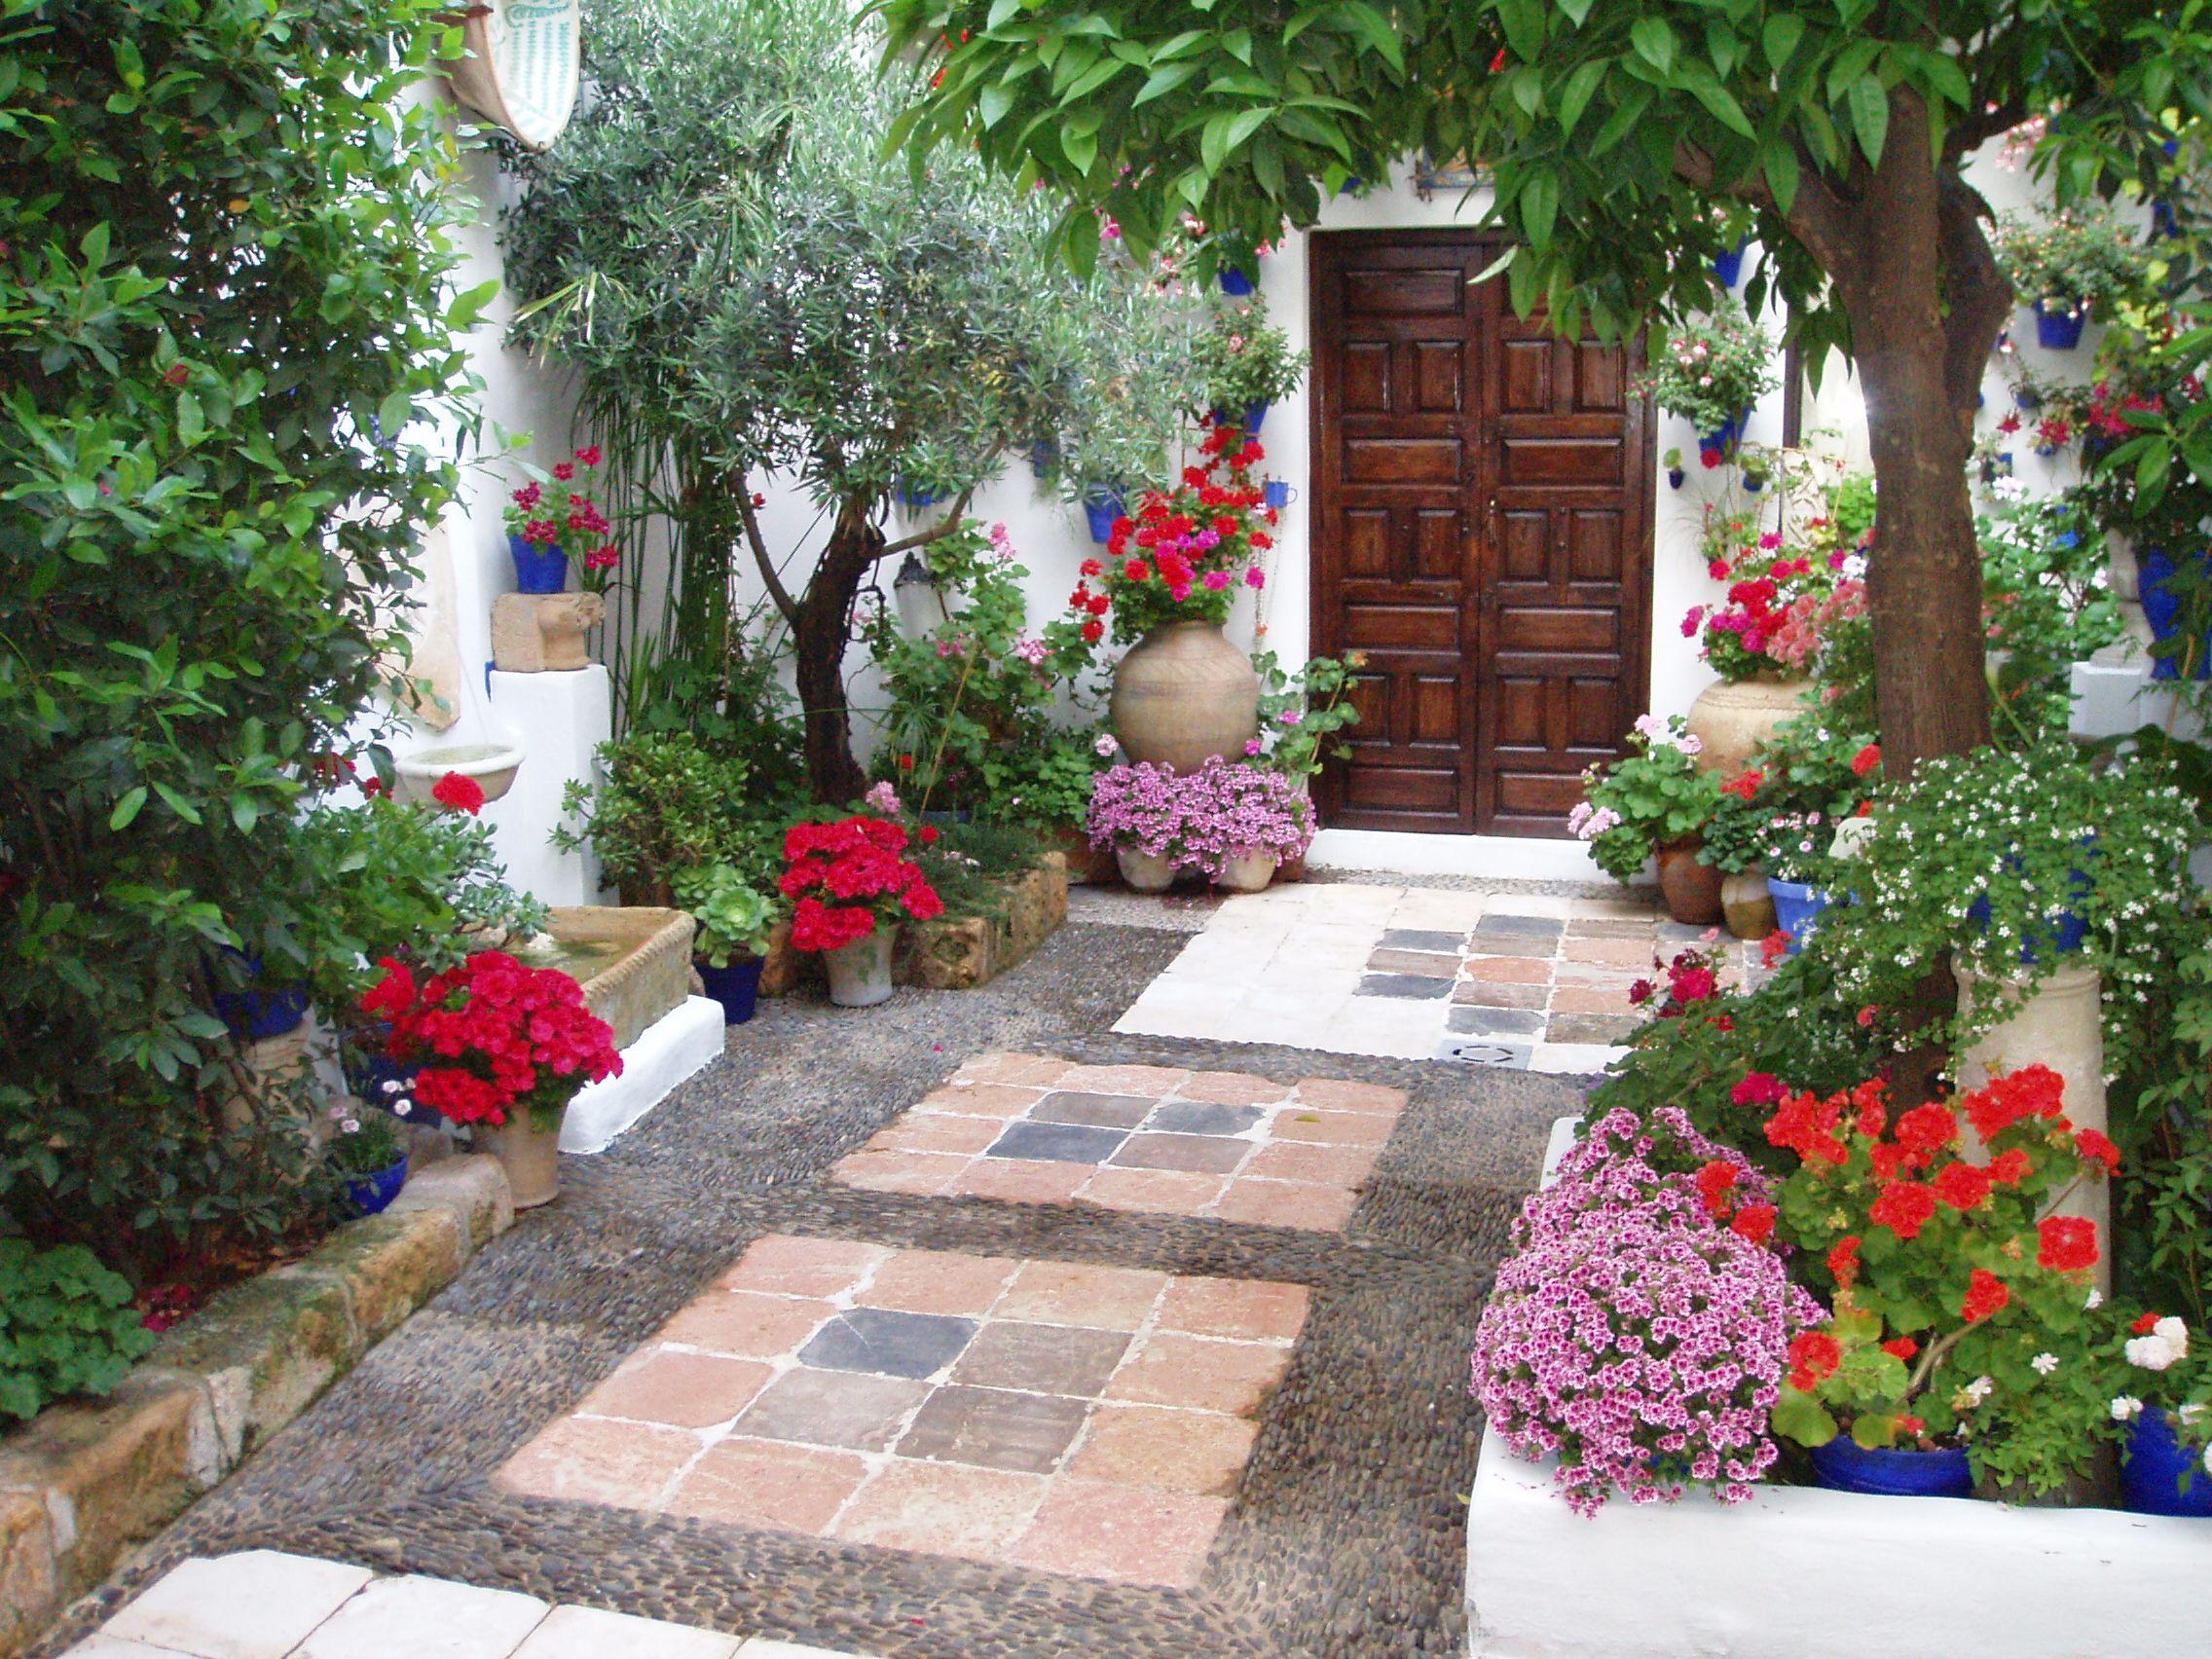 jardines flores terrazas patios cordobeses balcones ventanas rejas plantas entrada